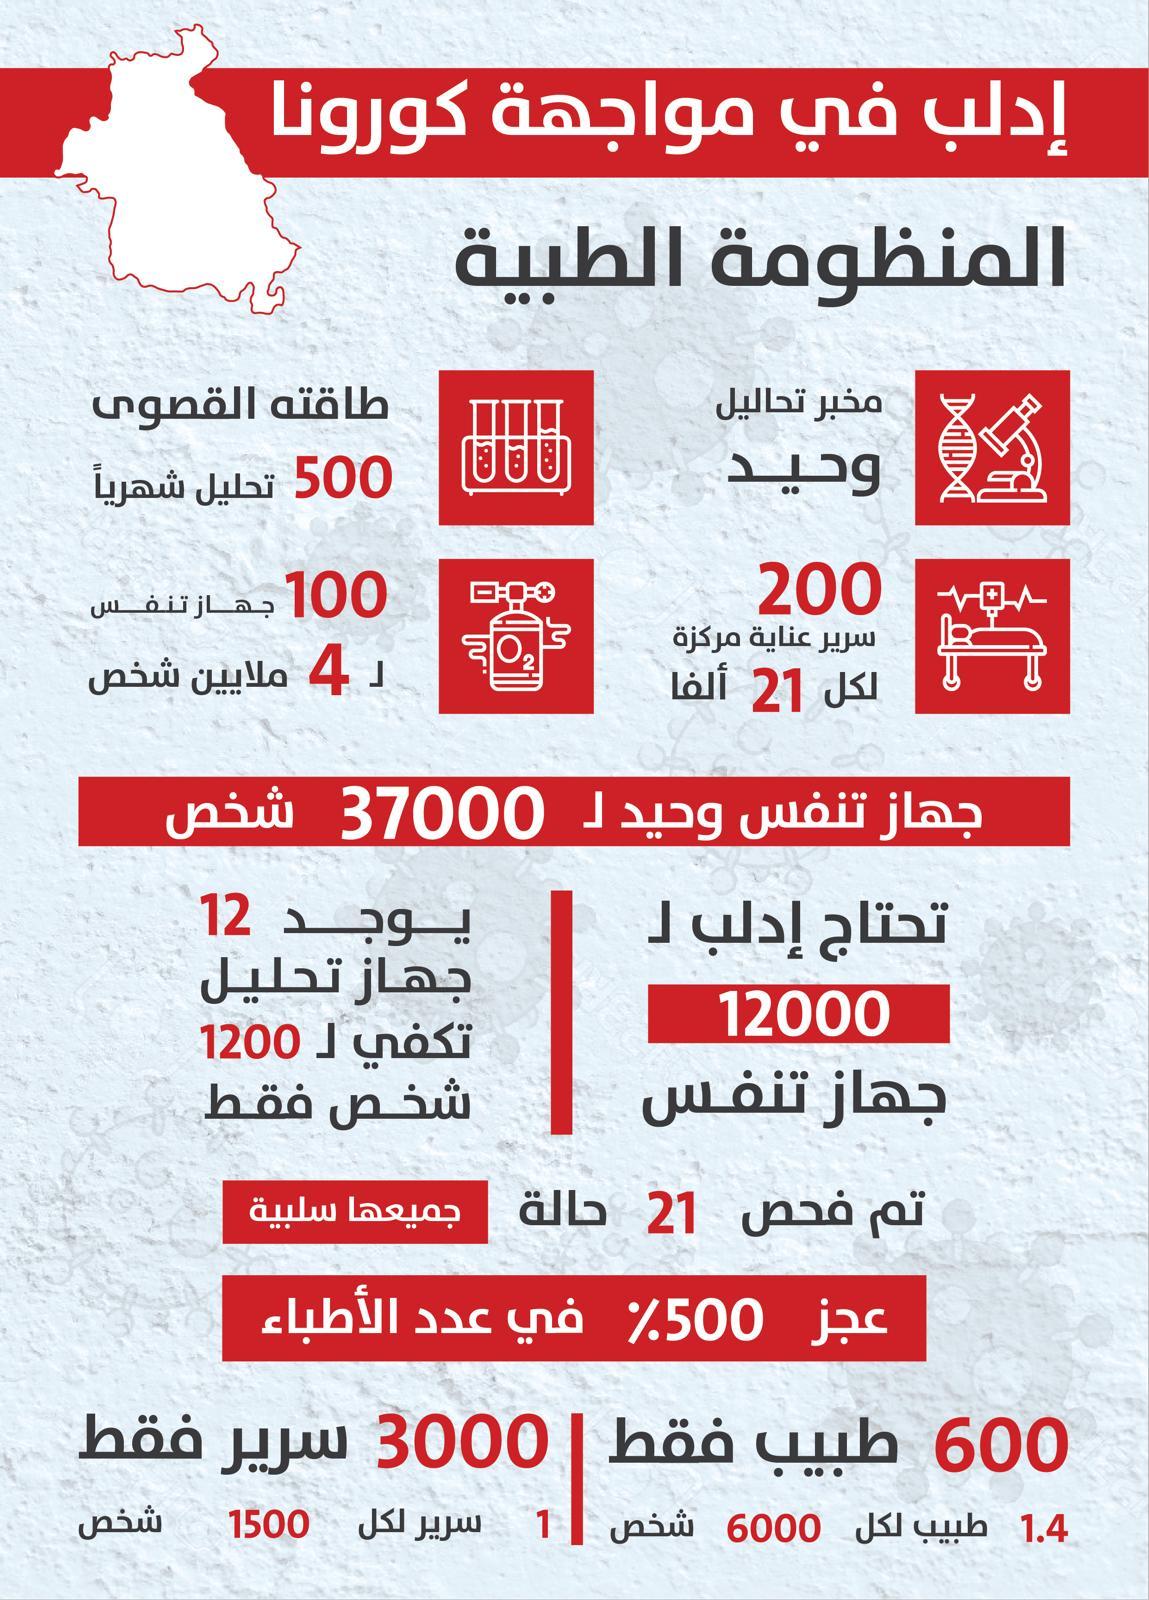 مخطط بالأرقام يوضح الوضع الصحي في إدلب لمواجهة كورونا